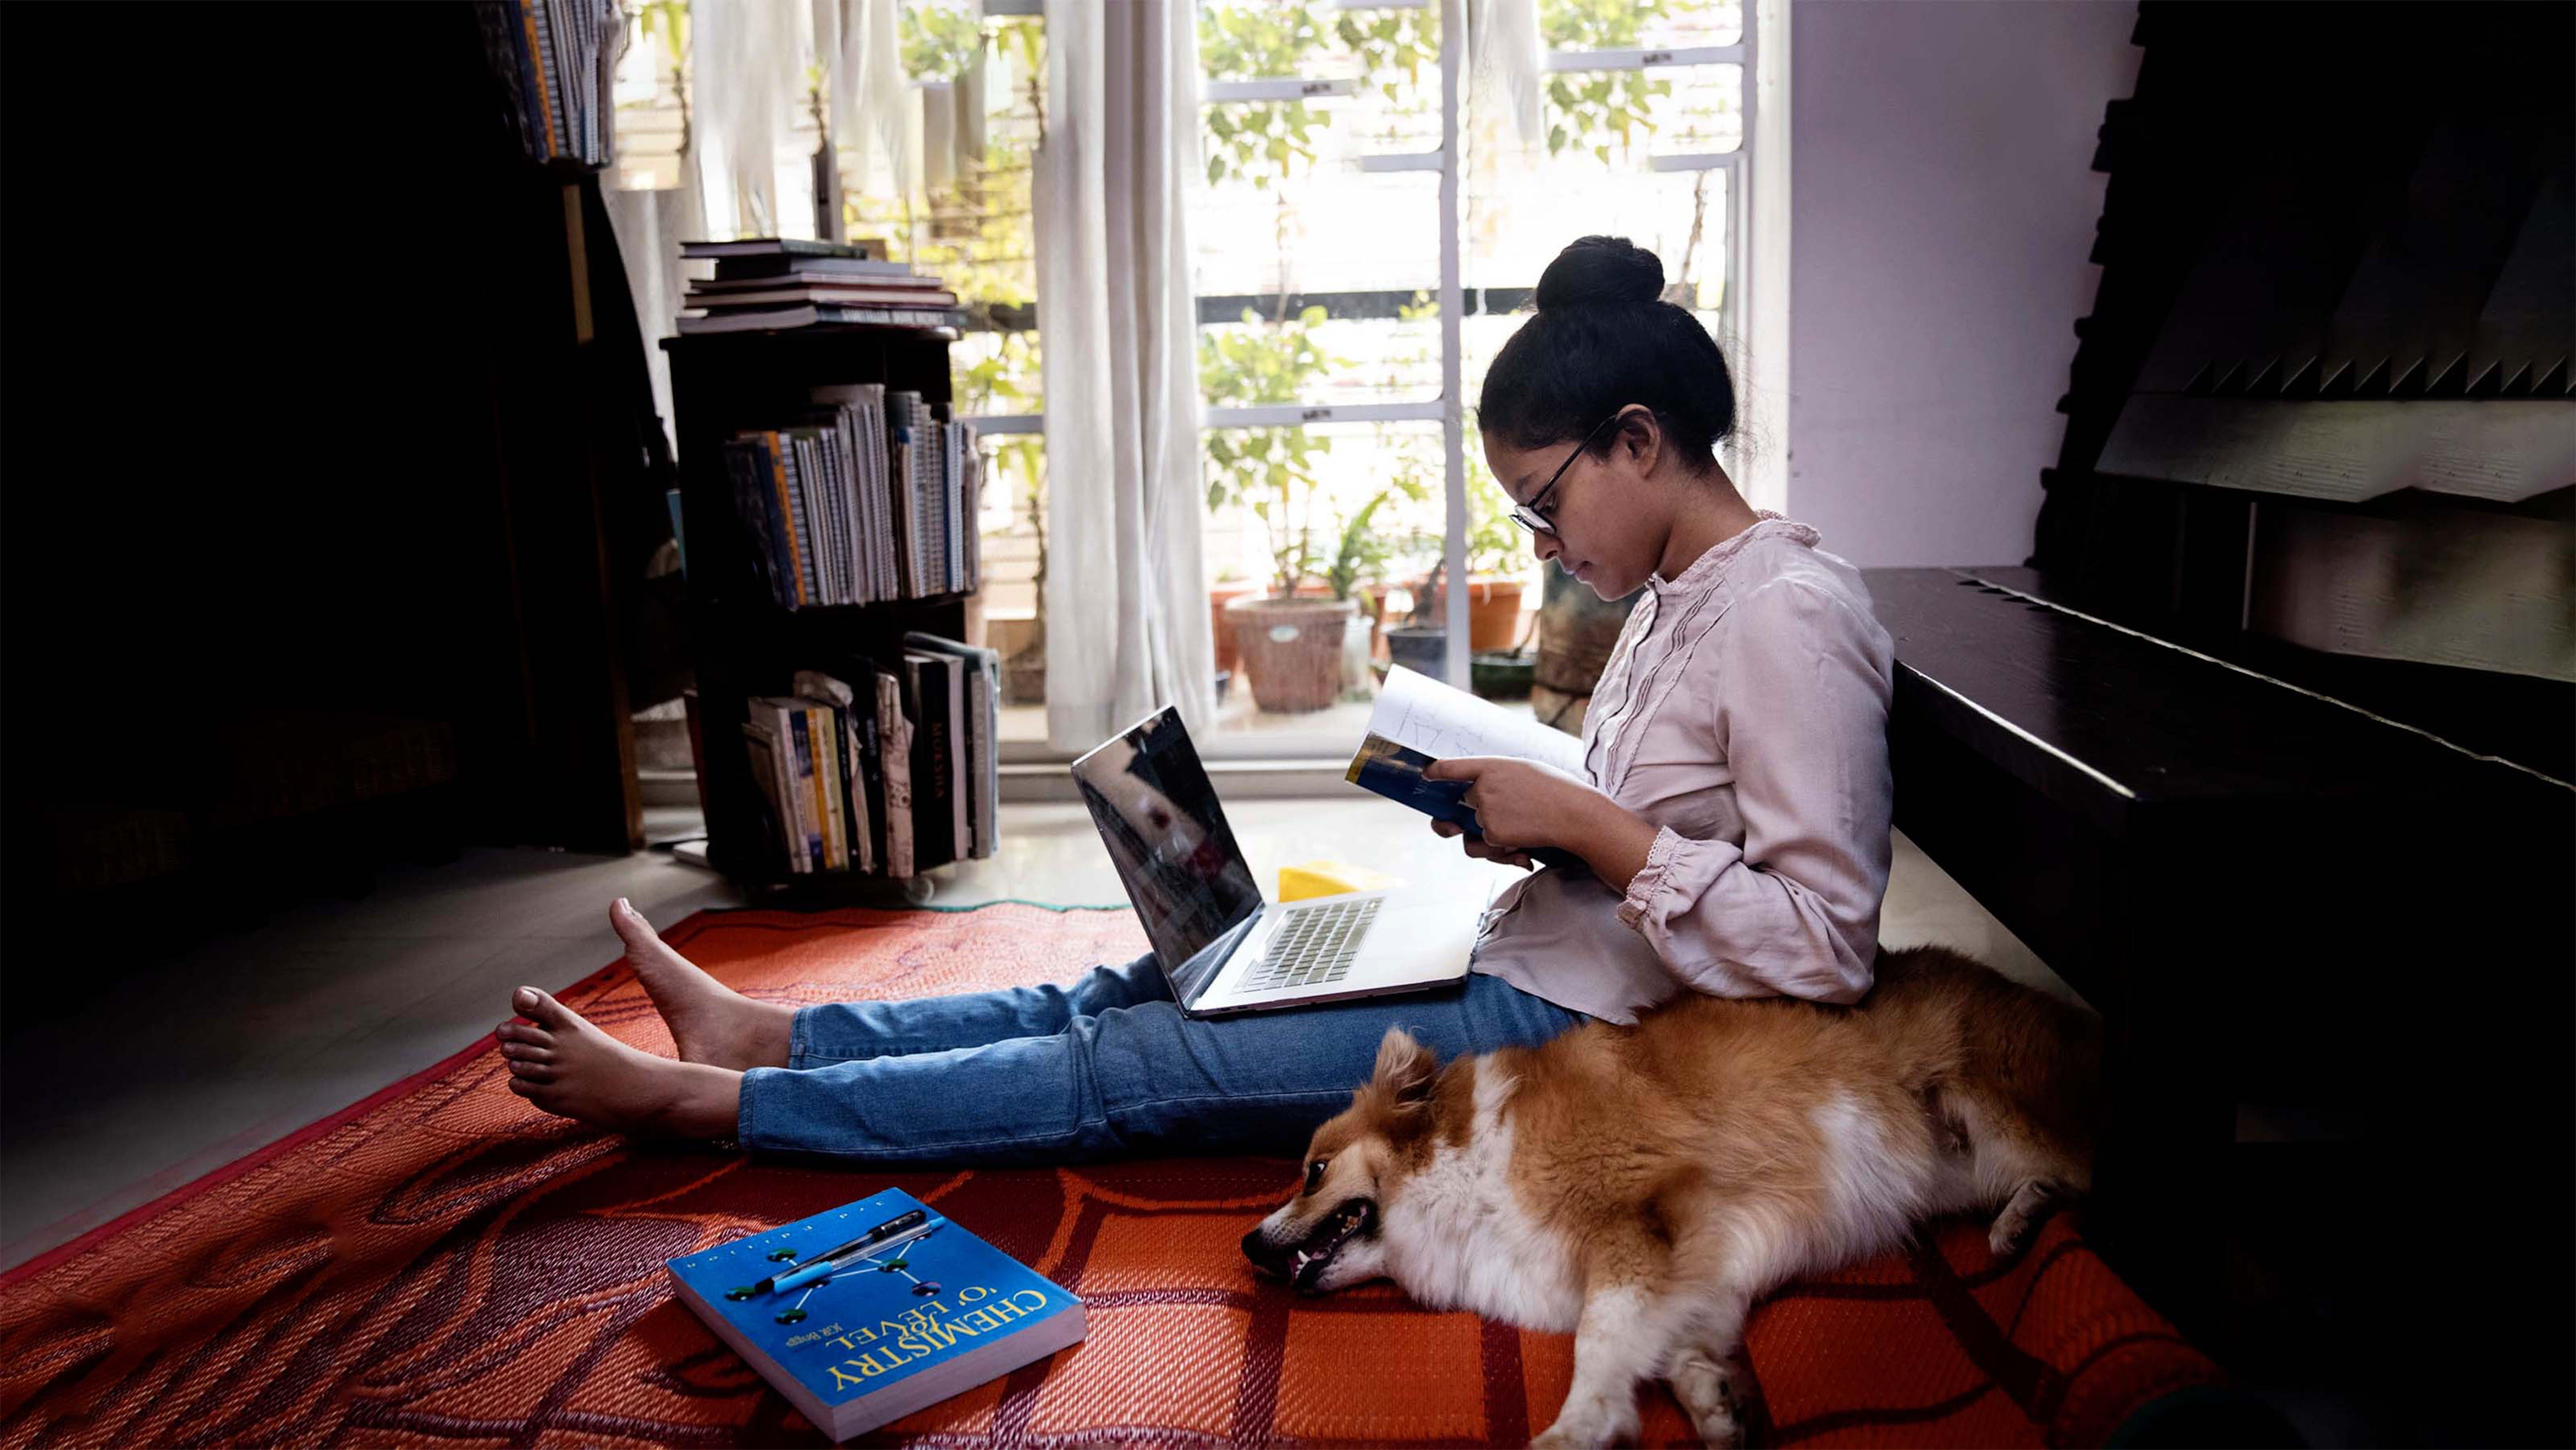 Un adolescente di 10 anni studia a casa davanti al pc